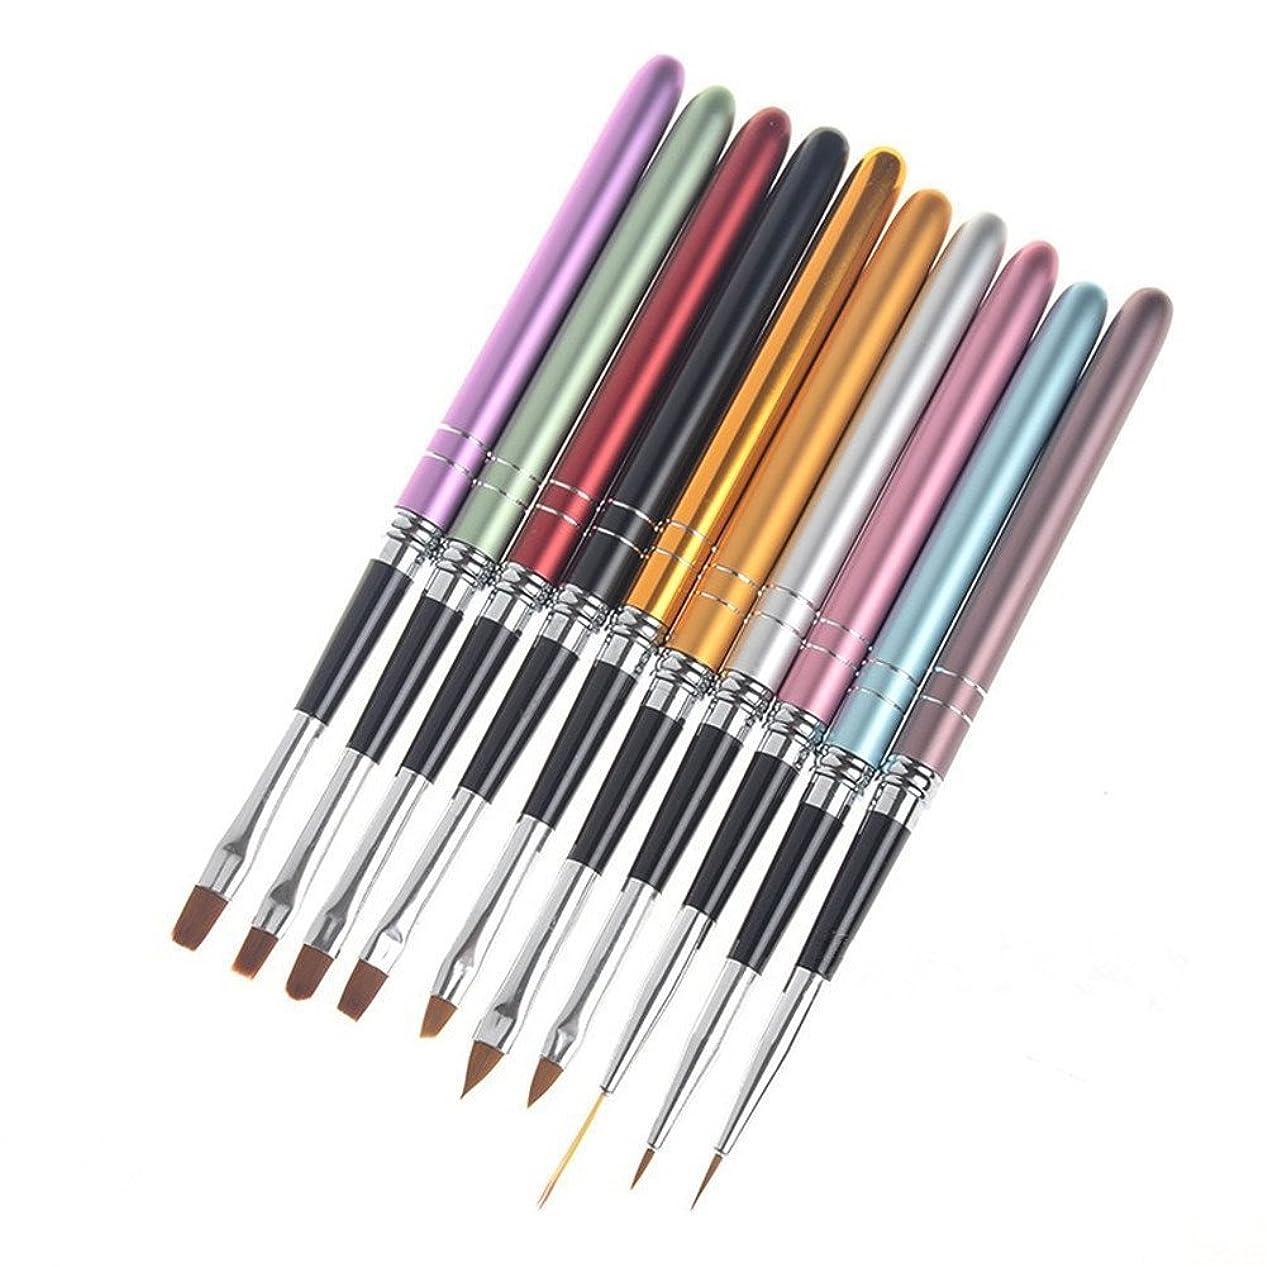 洞察力のあるクレタロール10本/セット ネイルブラシセット ジェルネイル絵描きブラシなどの UVジュエルネイルツールネイル用品